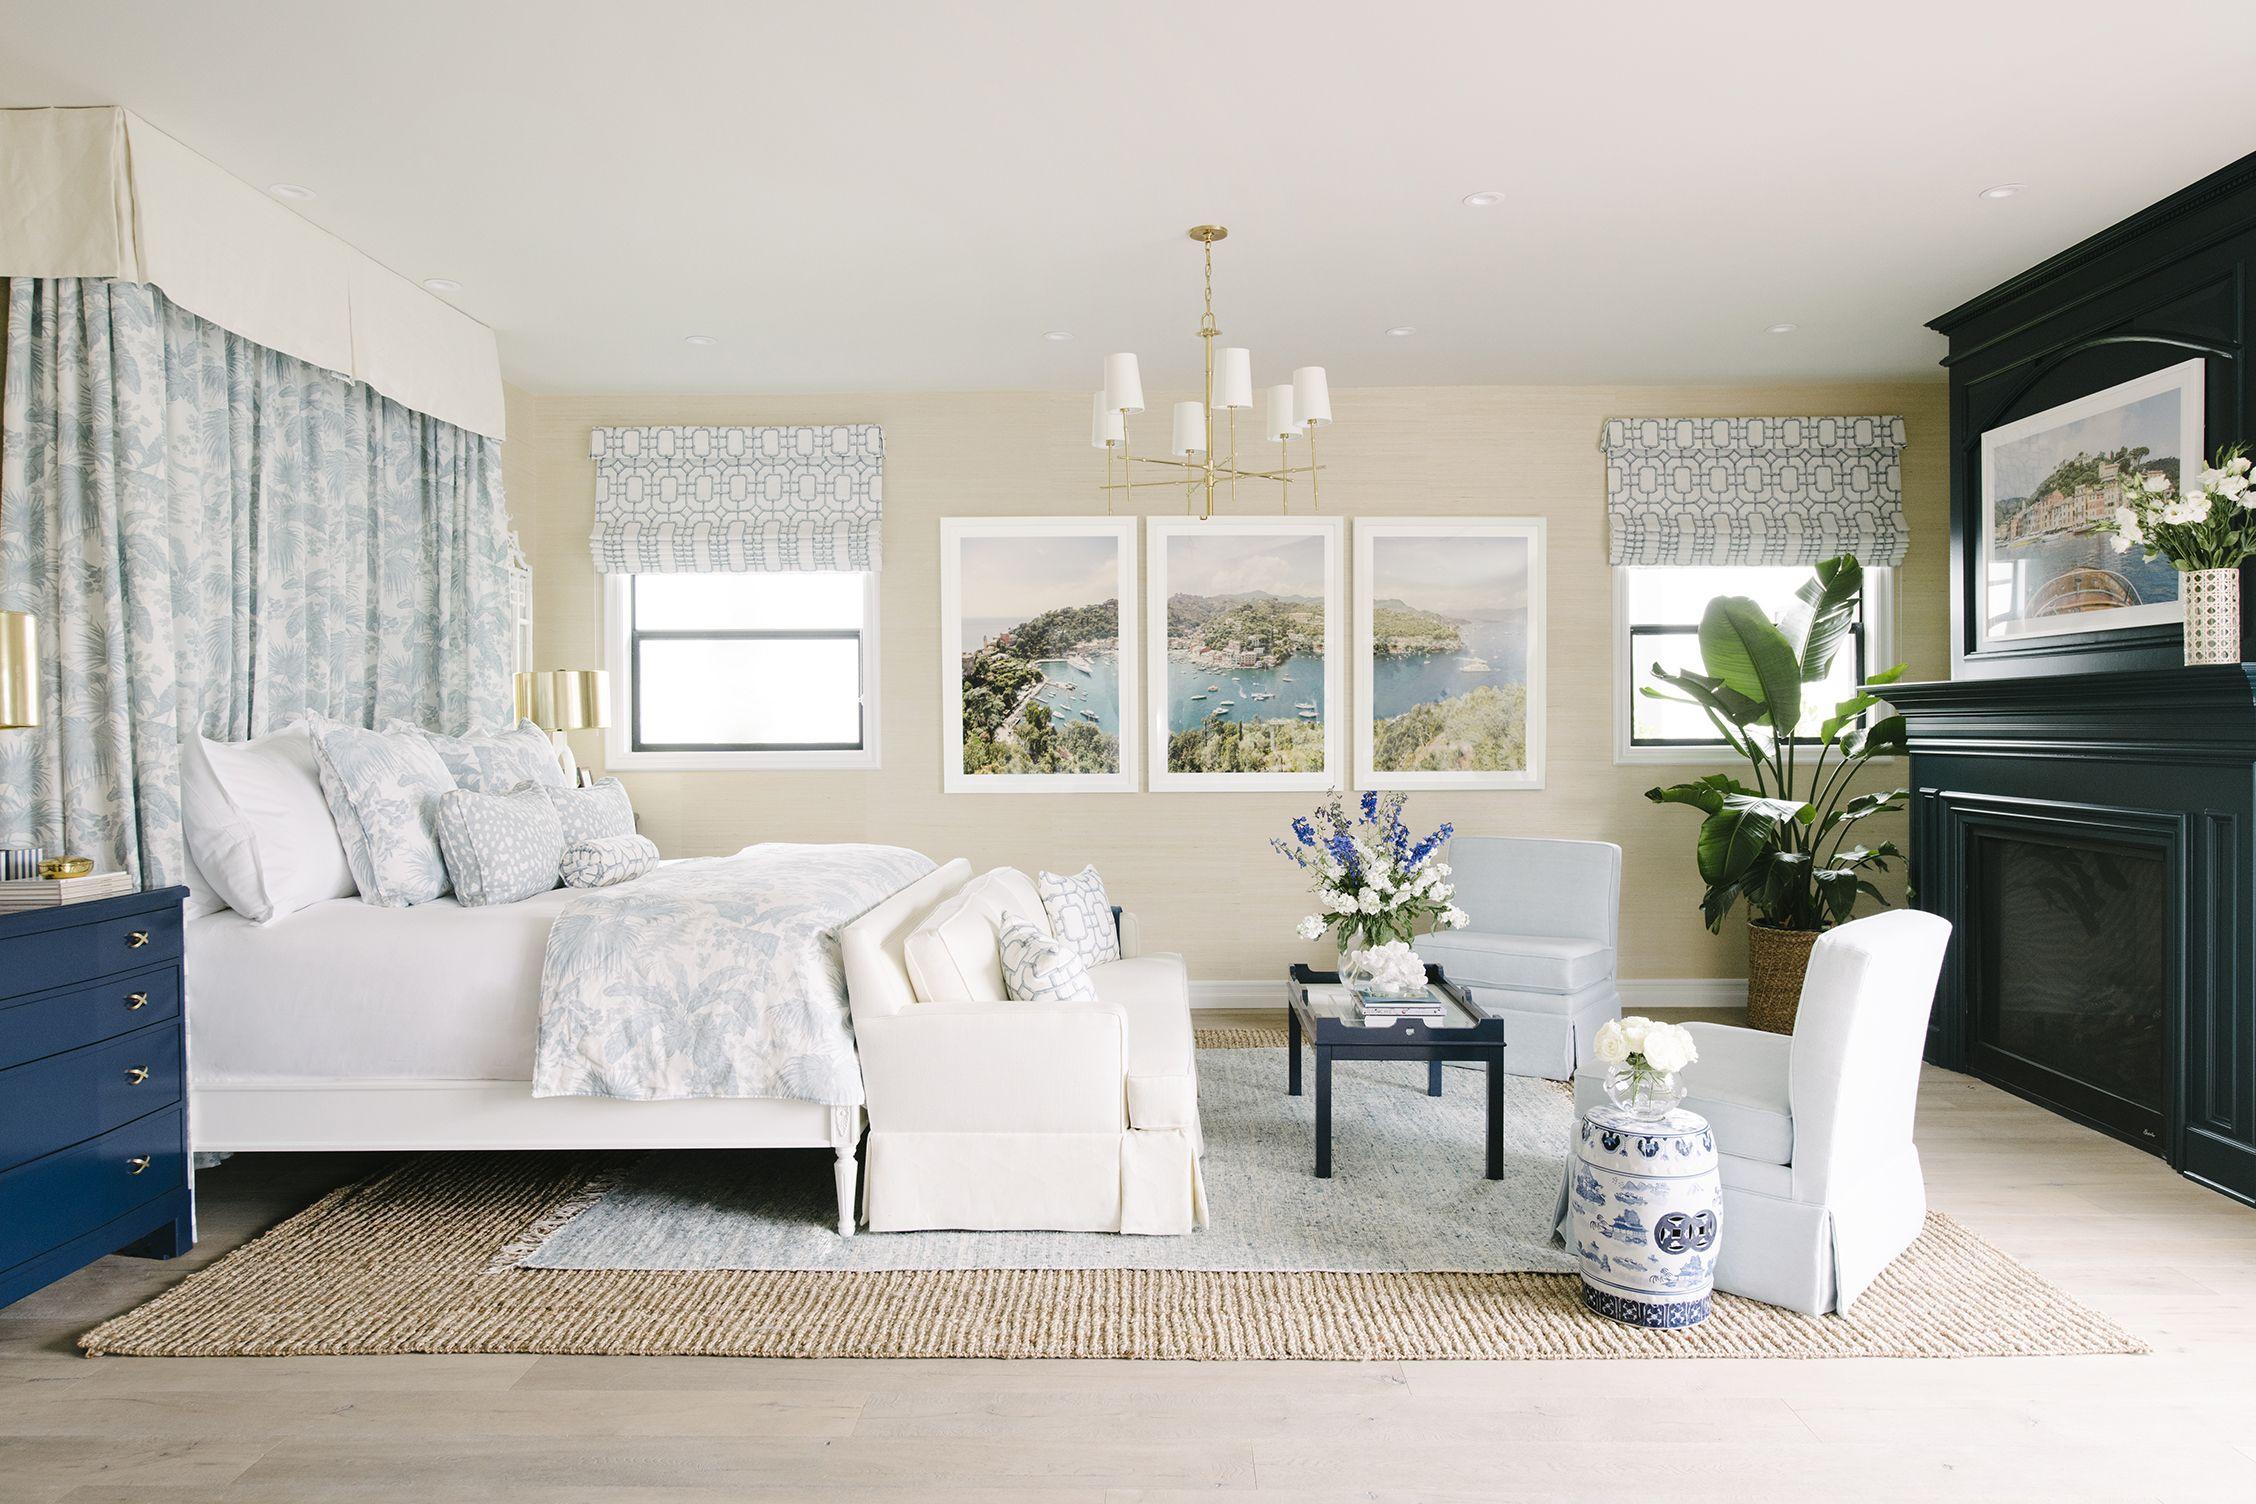 30+ Inspiring Spring Decorating Ideas - Spring Home Makeover Inspiration